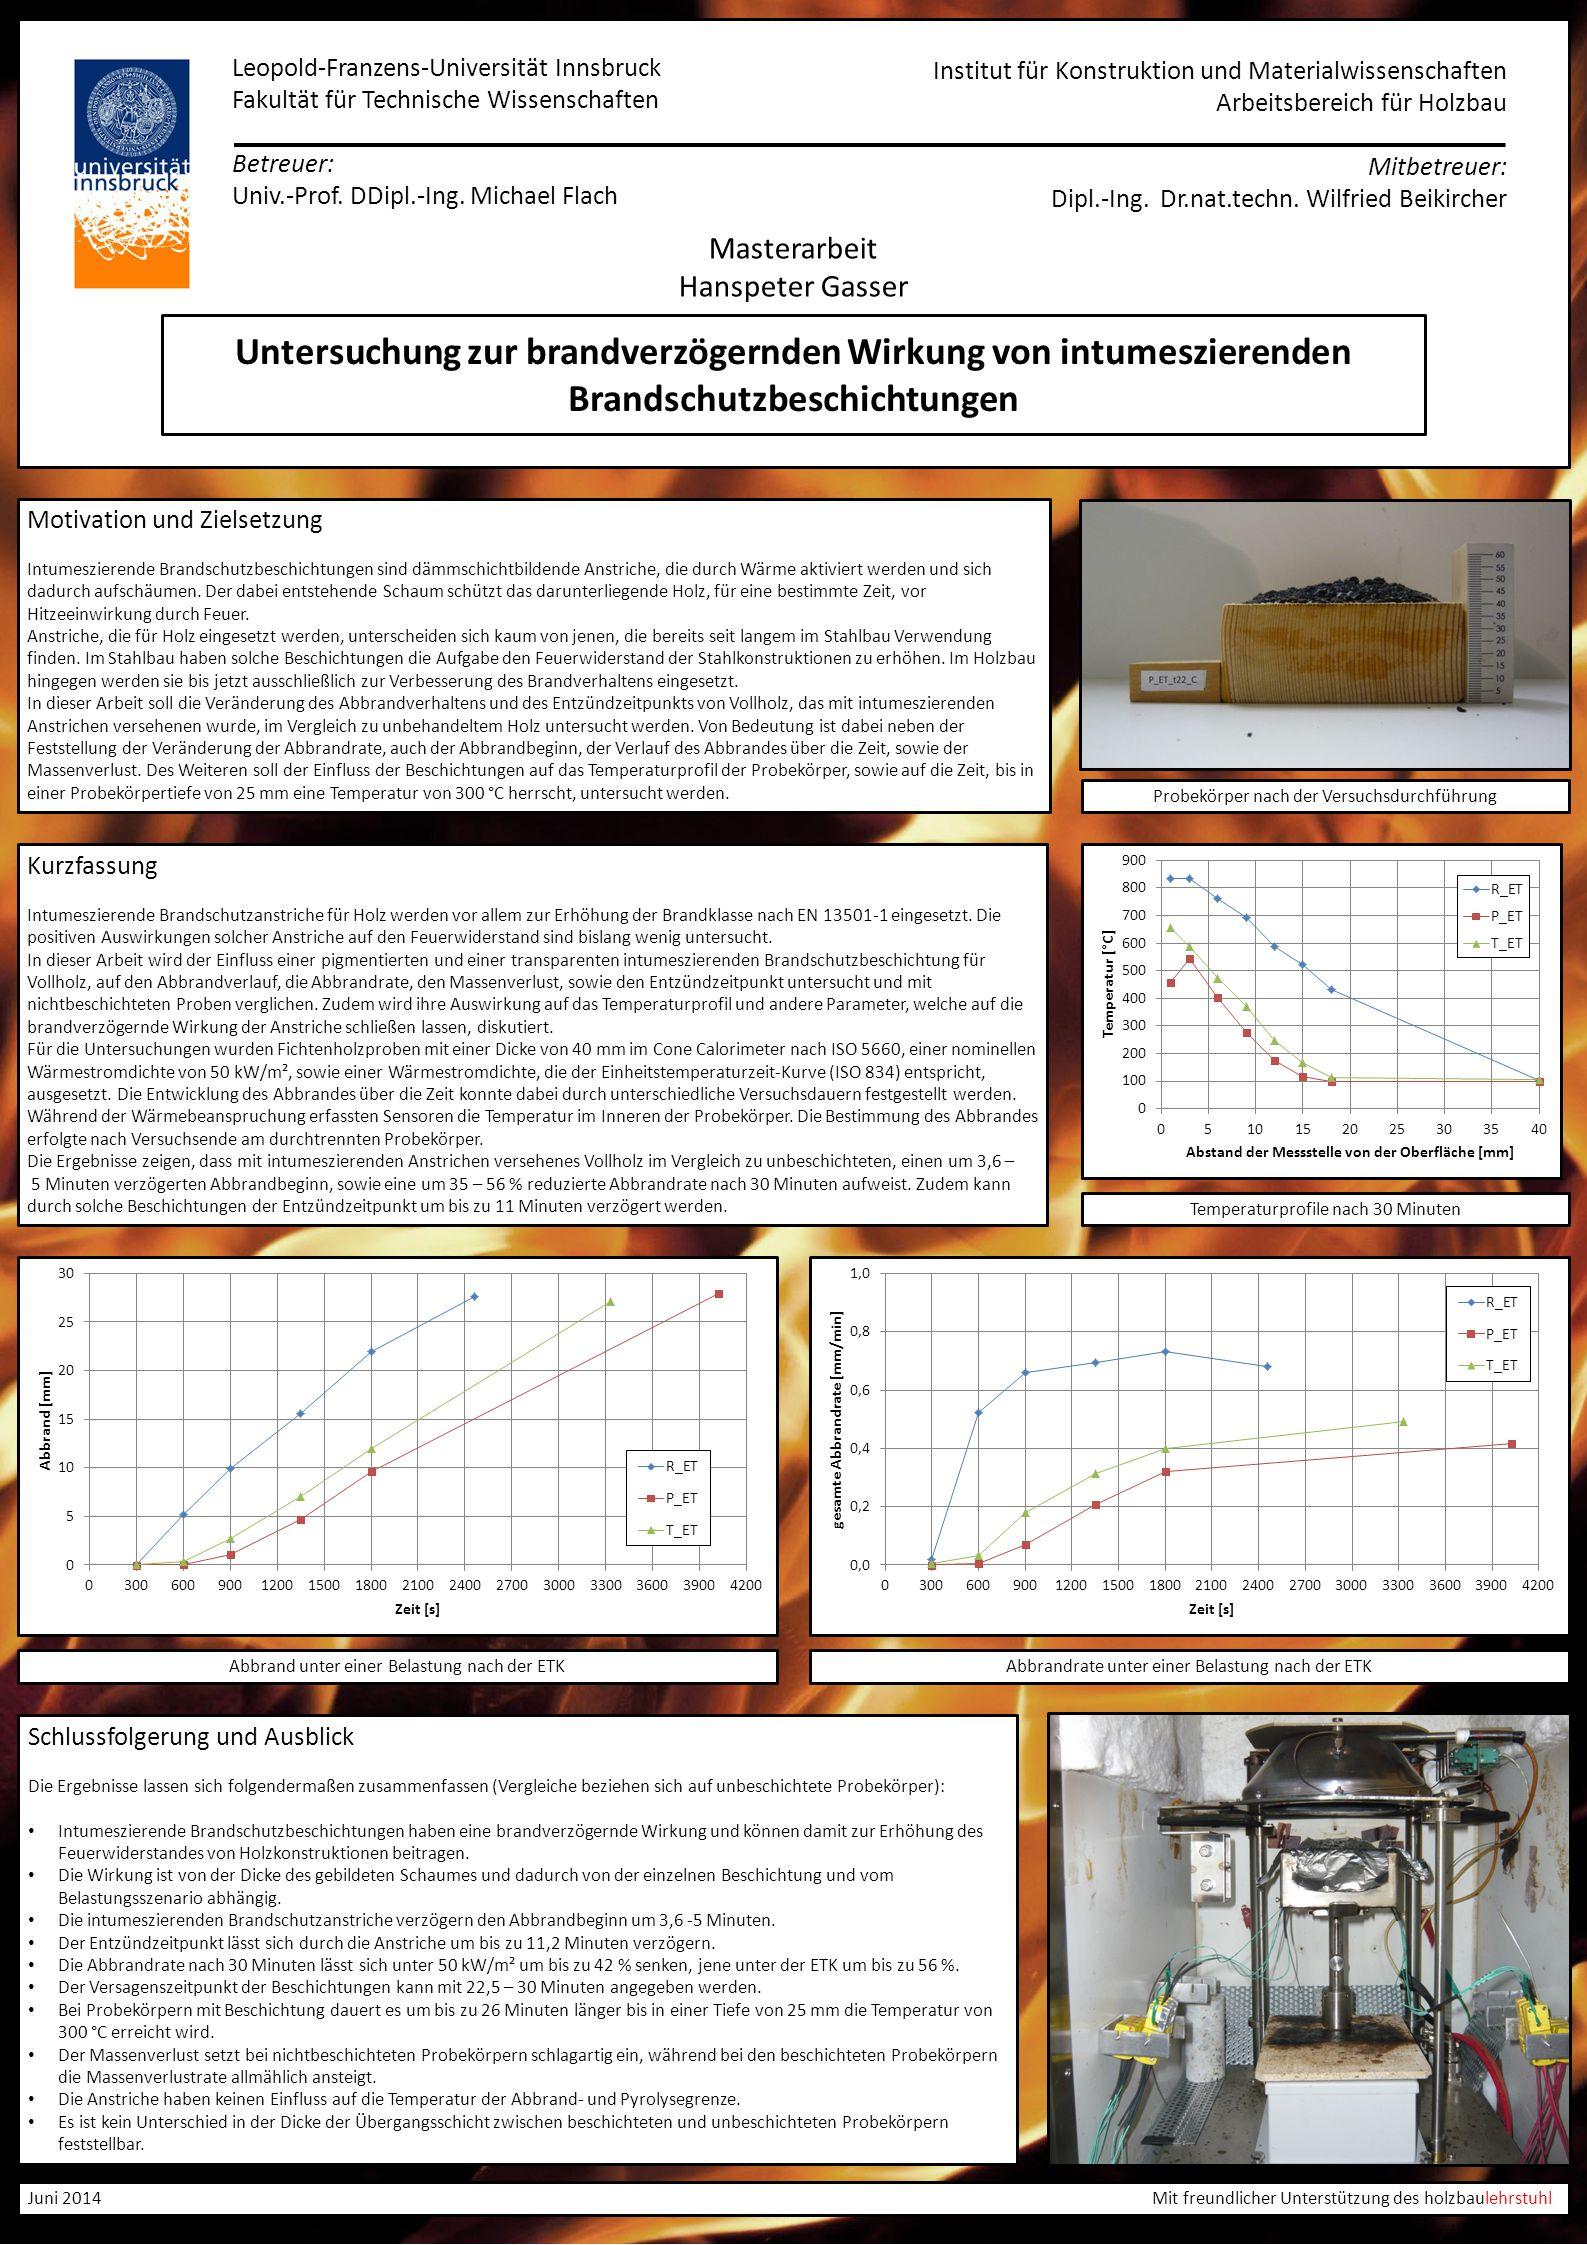 Leopold-Franzens-Universität Innsbruck Fakultät für Technische Wissenschaften Betreuer: Univ.-Prof. DDipl.-Ing. Michael Flach Institut für Konstruktio